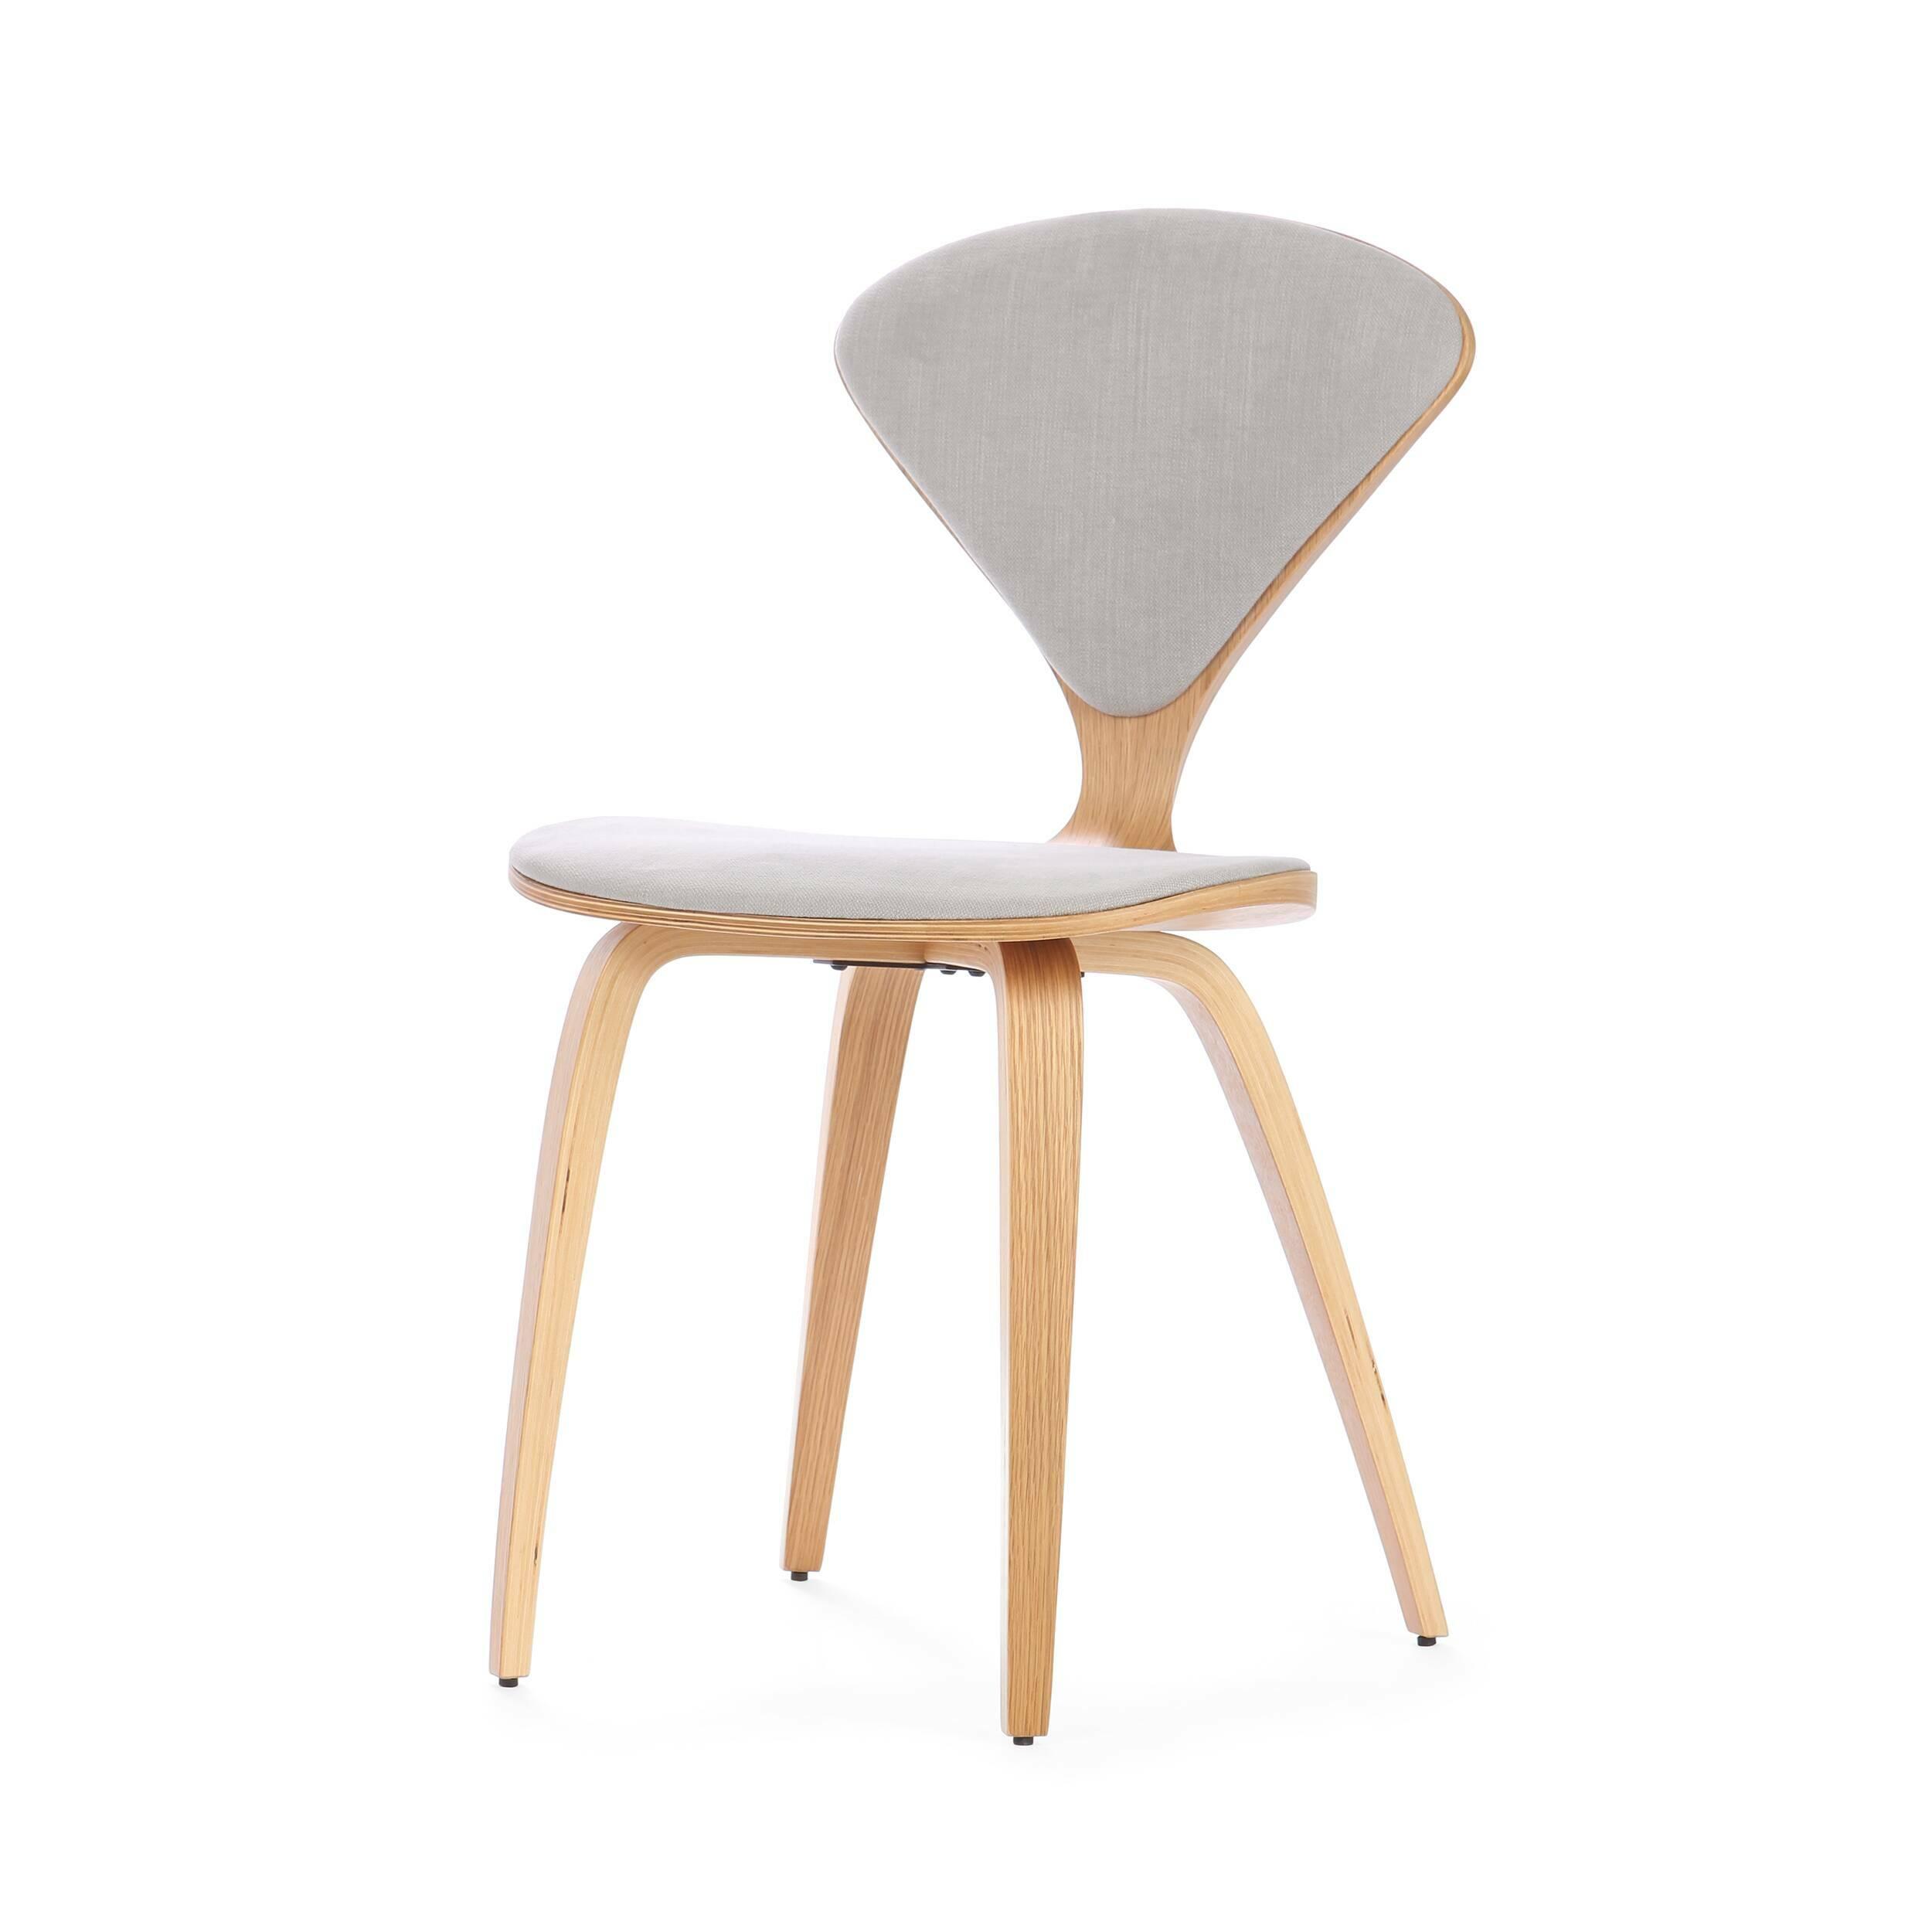 Стул Cherner с обивкойИнтерьерные<br>Американский дизайнер Норман Чернер с 1947 по 1949 год проработал в Музее современного искусства в Нью-Йорке, где досконально изучил труды идеологов баухауса, и в своих творениях решил следовать их заветам — создавать недорогую удобную мебель, которую мог бы себе позволить каждый. Он одним из первых стал применять фанеру — недорогой и легкий материал, и в 1958 году создал свой культовый стул Cherner «с тонкой талией» из фанеры под дерево.<br><br><br> Наша репродукция легендарного стула предста...<br><br>stock: 12<br>Высота: 81,5<br>Высота сиденья: 46<br>Ширина: 44<br>Глубина: 54,5<br>Цвет ножек: Белый дуб<br>Материал ножек: Фанера, шпон дуба<br>Материал сидения: Хлопок, Лен<br>Цвет сидения: Светло-серый<br>Тип материала сидения: Ткань<br>Коллекция ткани: Ray Fabric<br>Тип материала ножек: Дерево